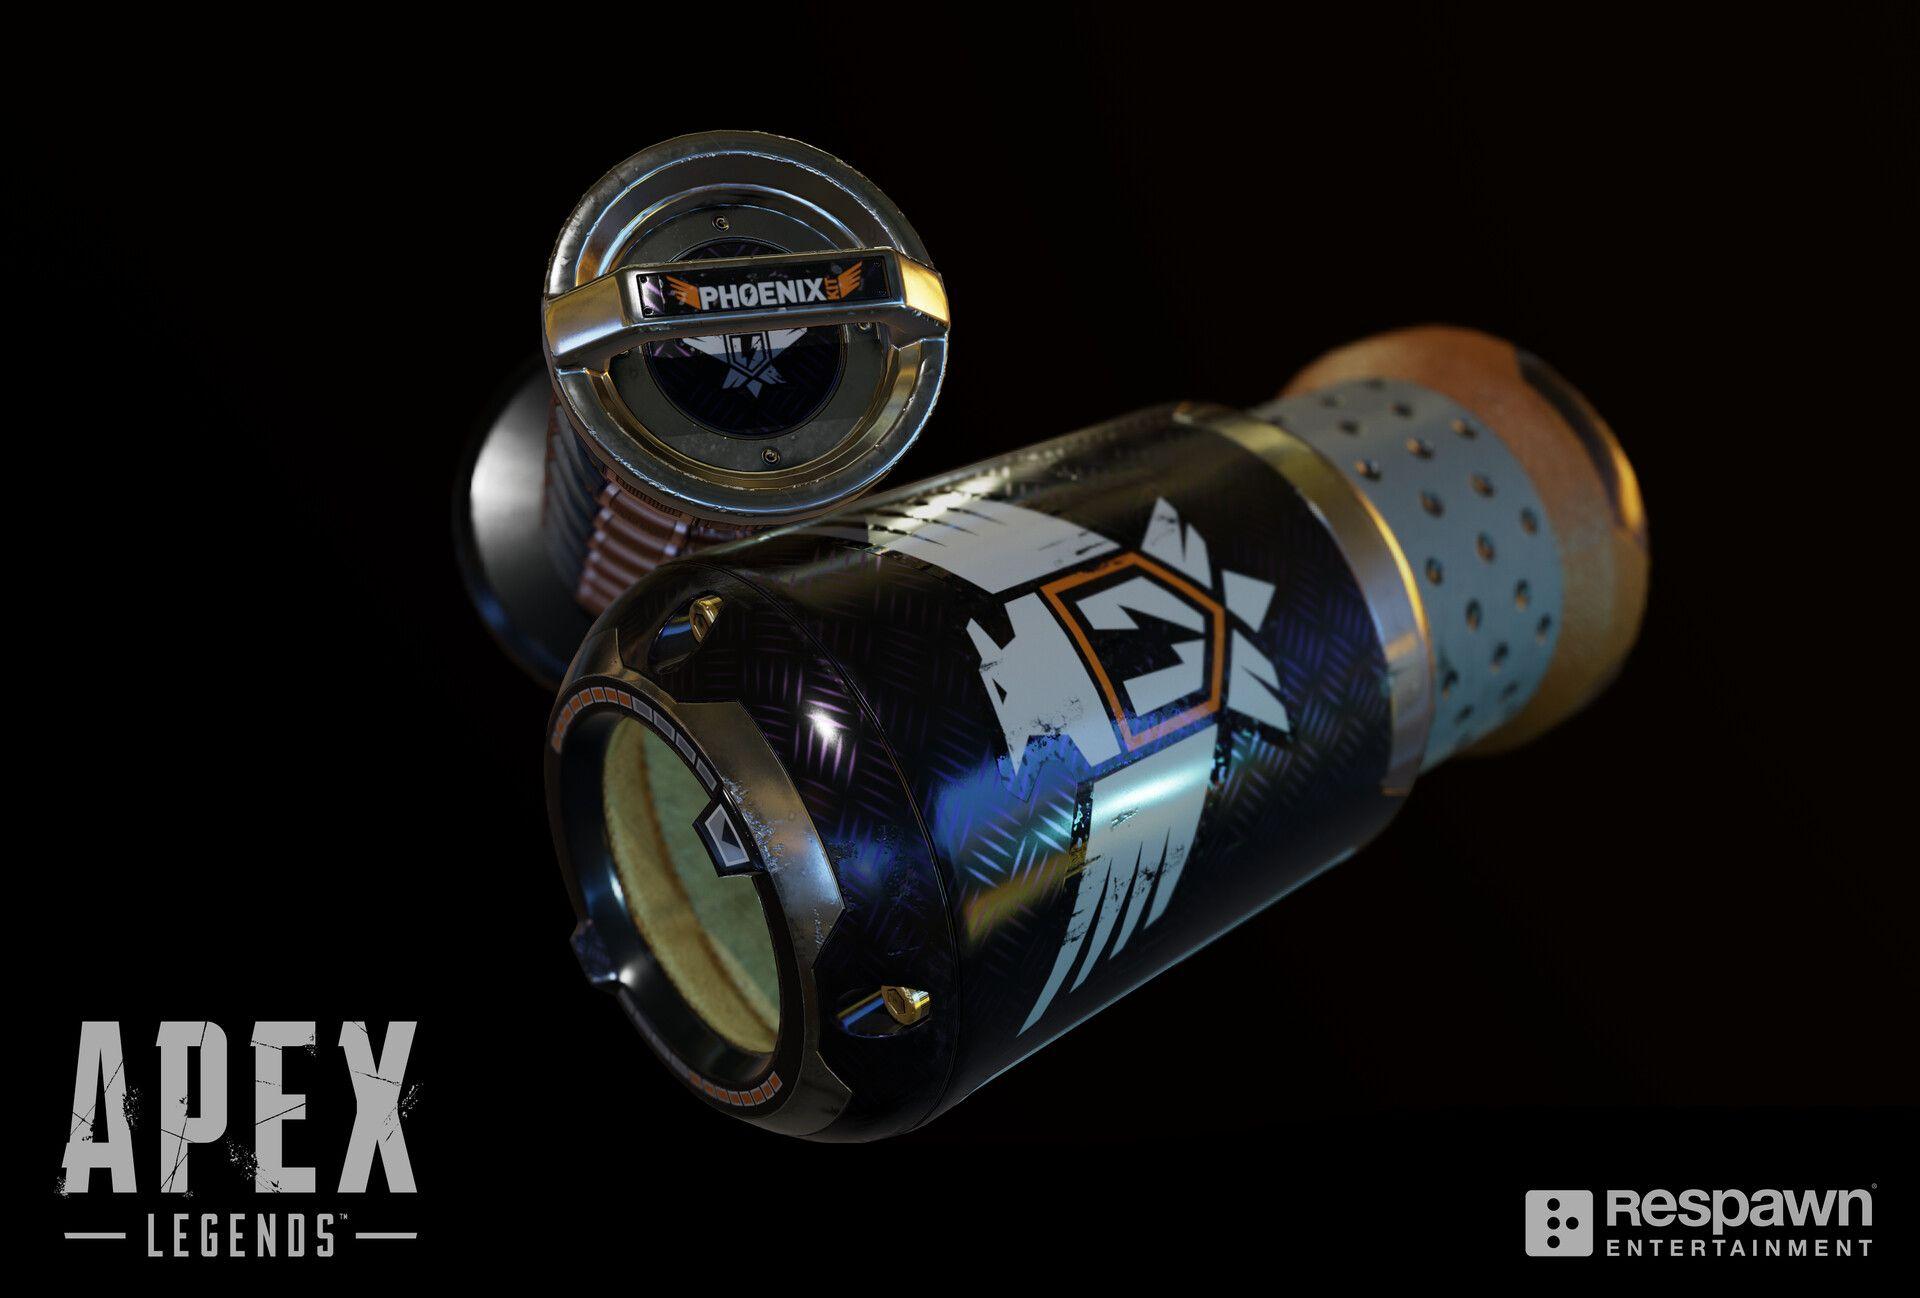 Apex Legends Kit Phoenix Phoenix Cell Chris Burks Respawn Entertainment